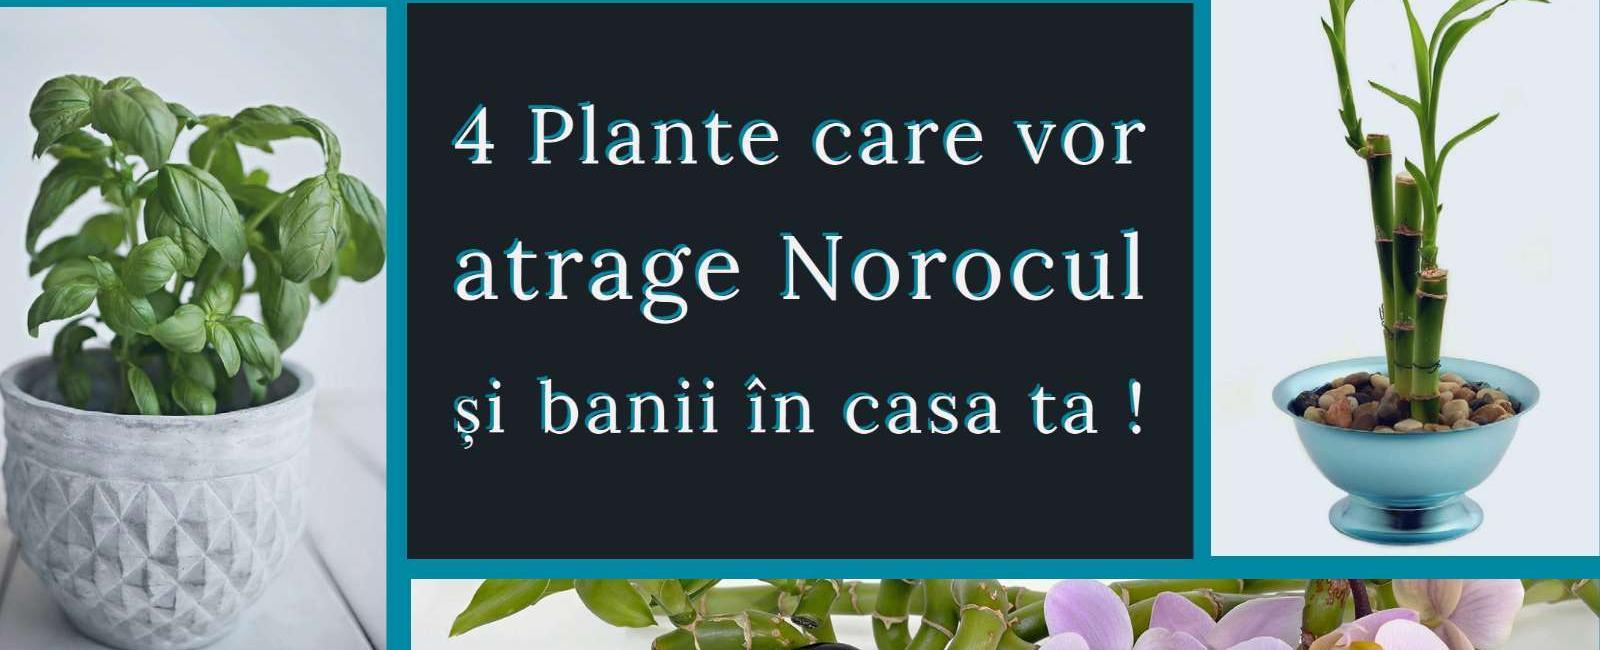 4 plante care vor atrage norocul și banii in casa ta!